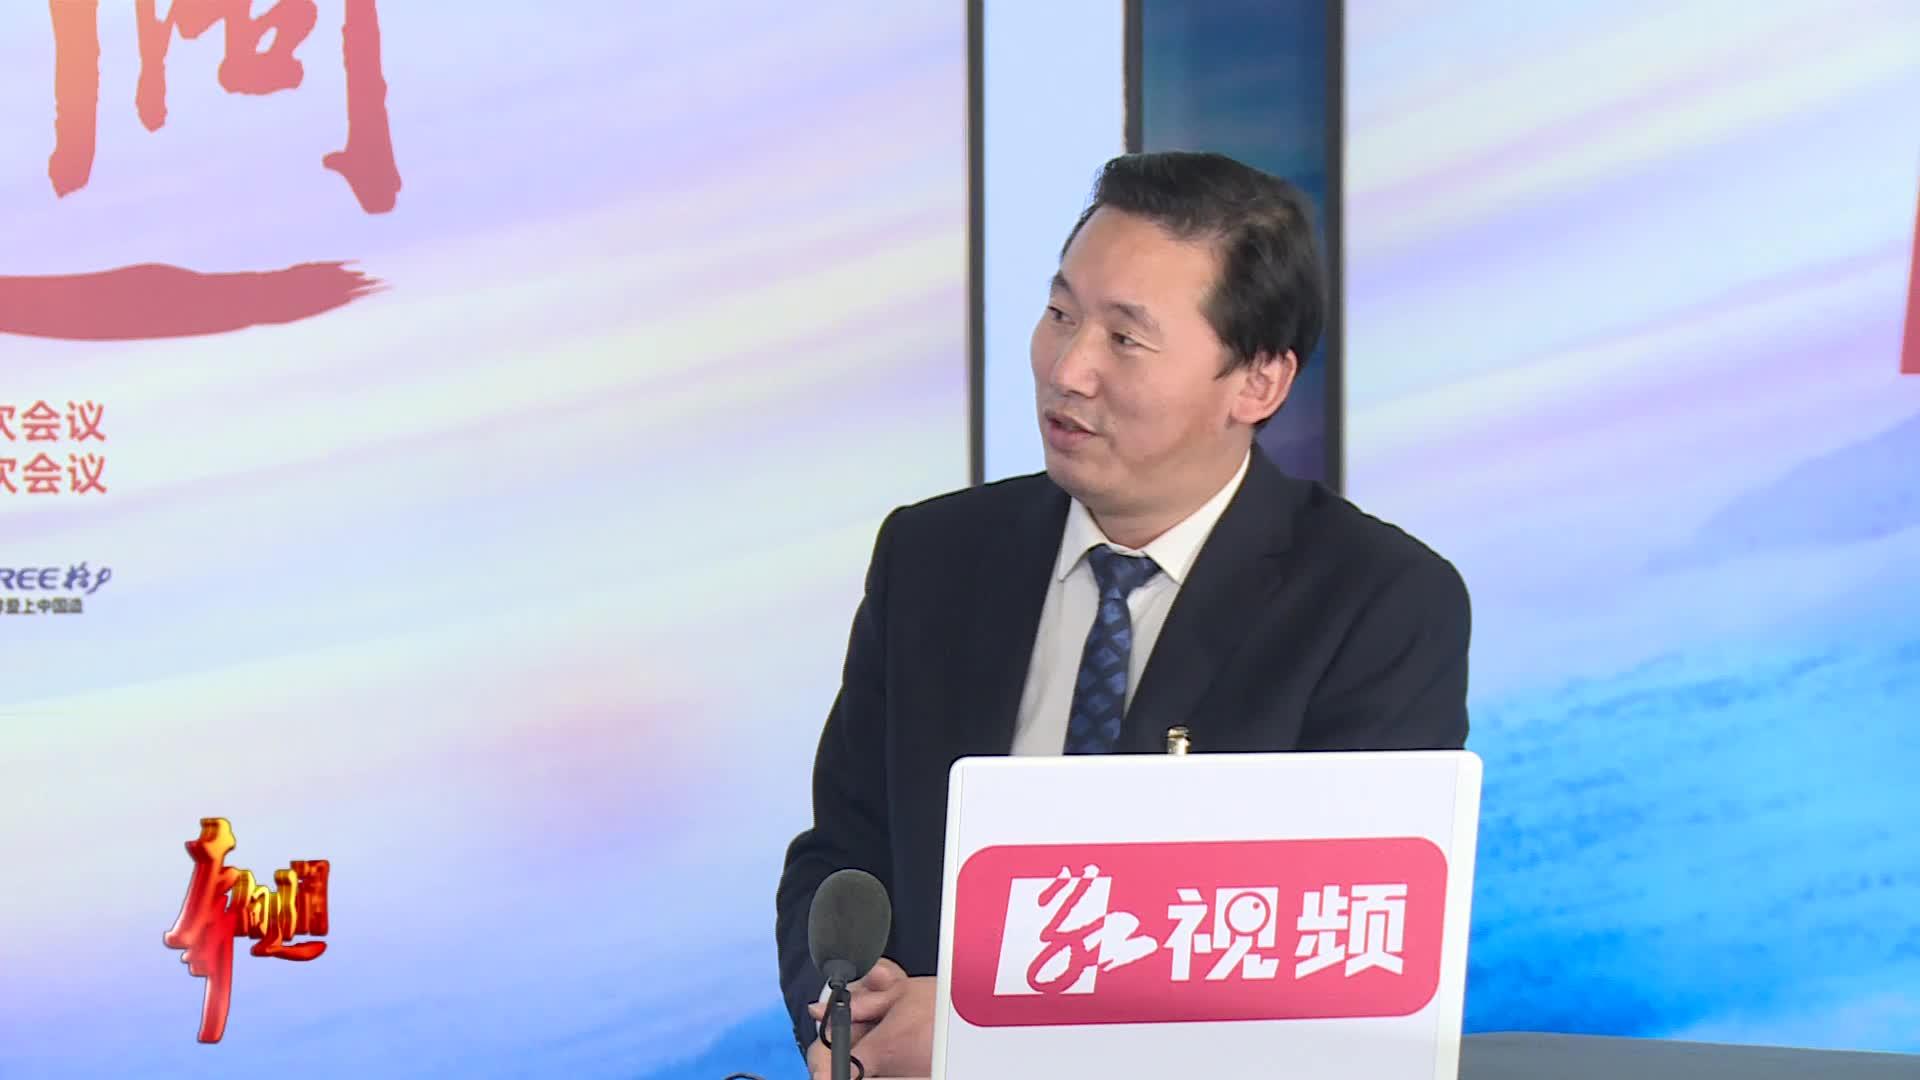 【奔向辽阔】两会访谈 省人大代表谢良琼:湖南构建亲清新型政商关系有潜力可挖